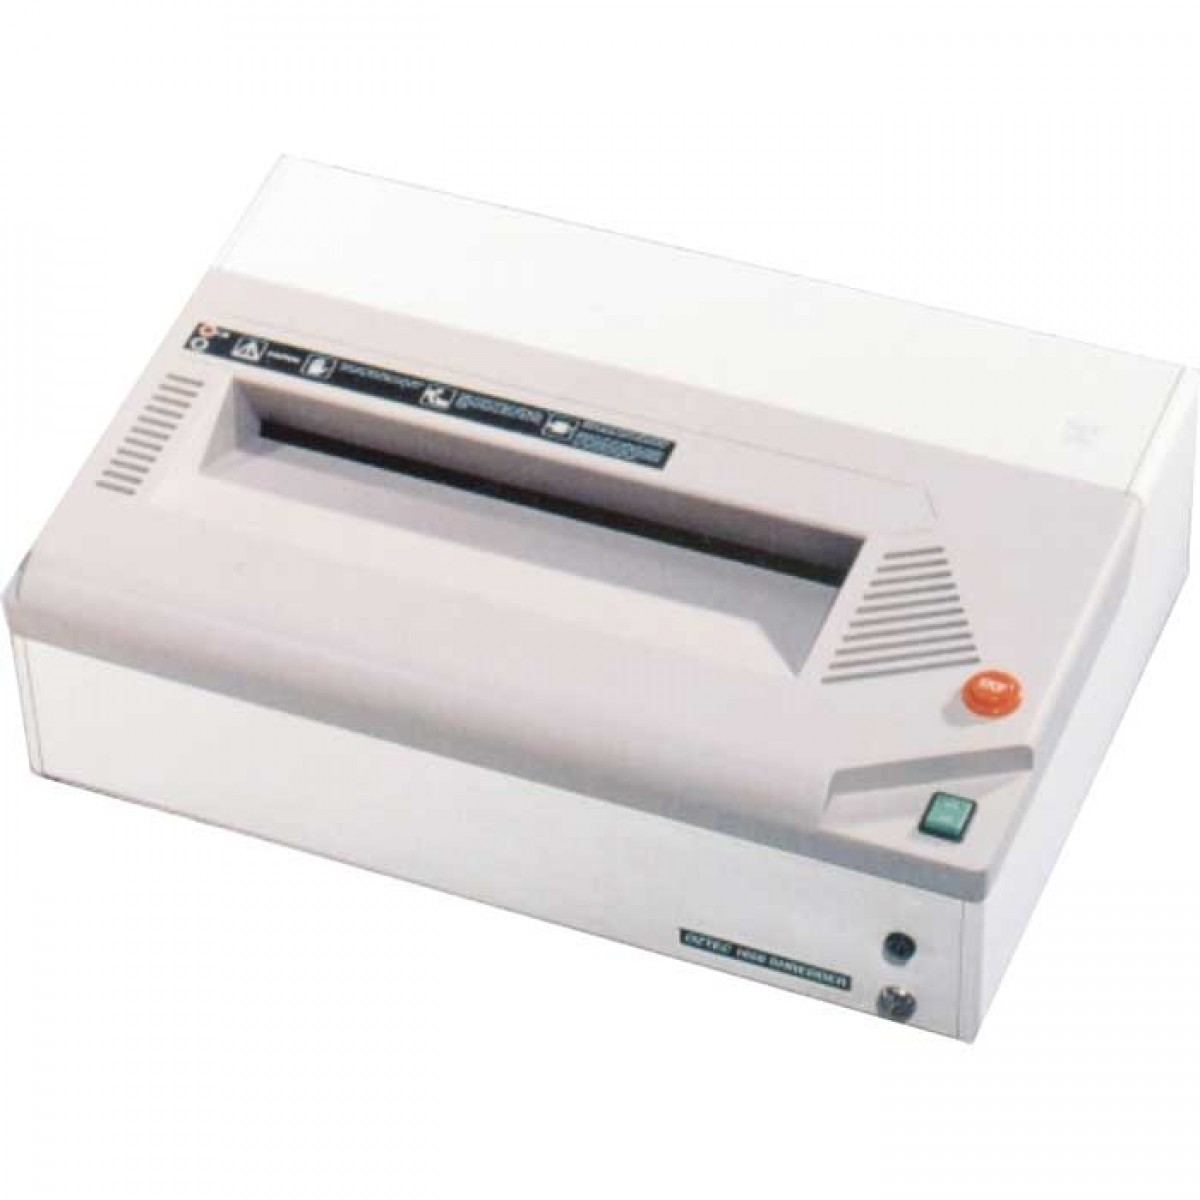 Oztec Paper Shredder Wiring Diagram Strip Cut 1200x1200